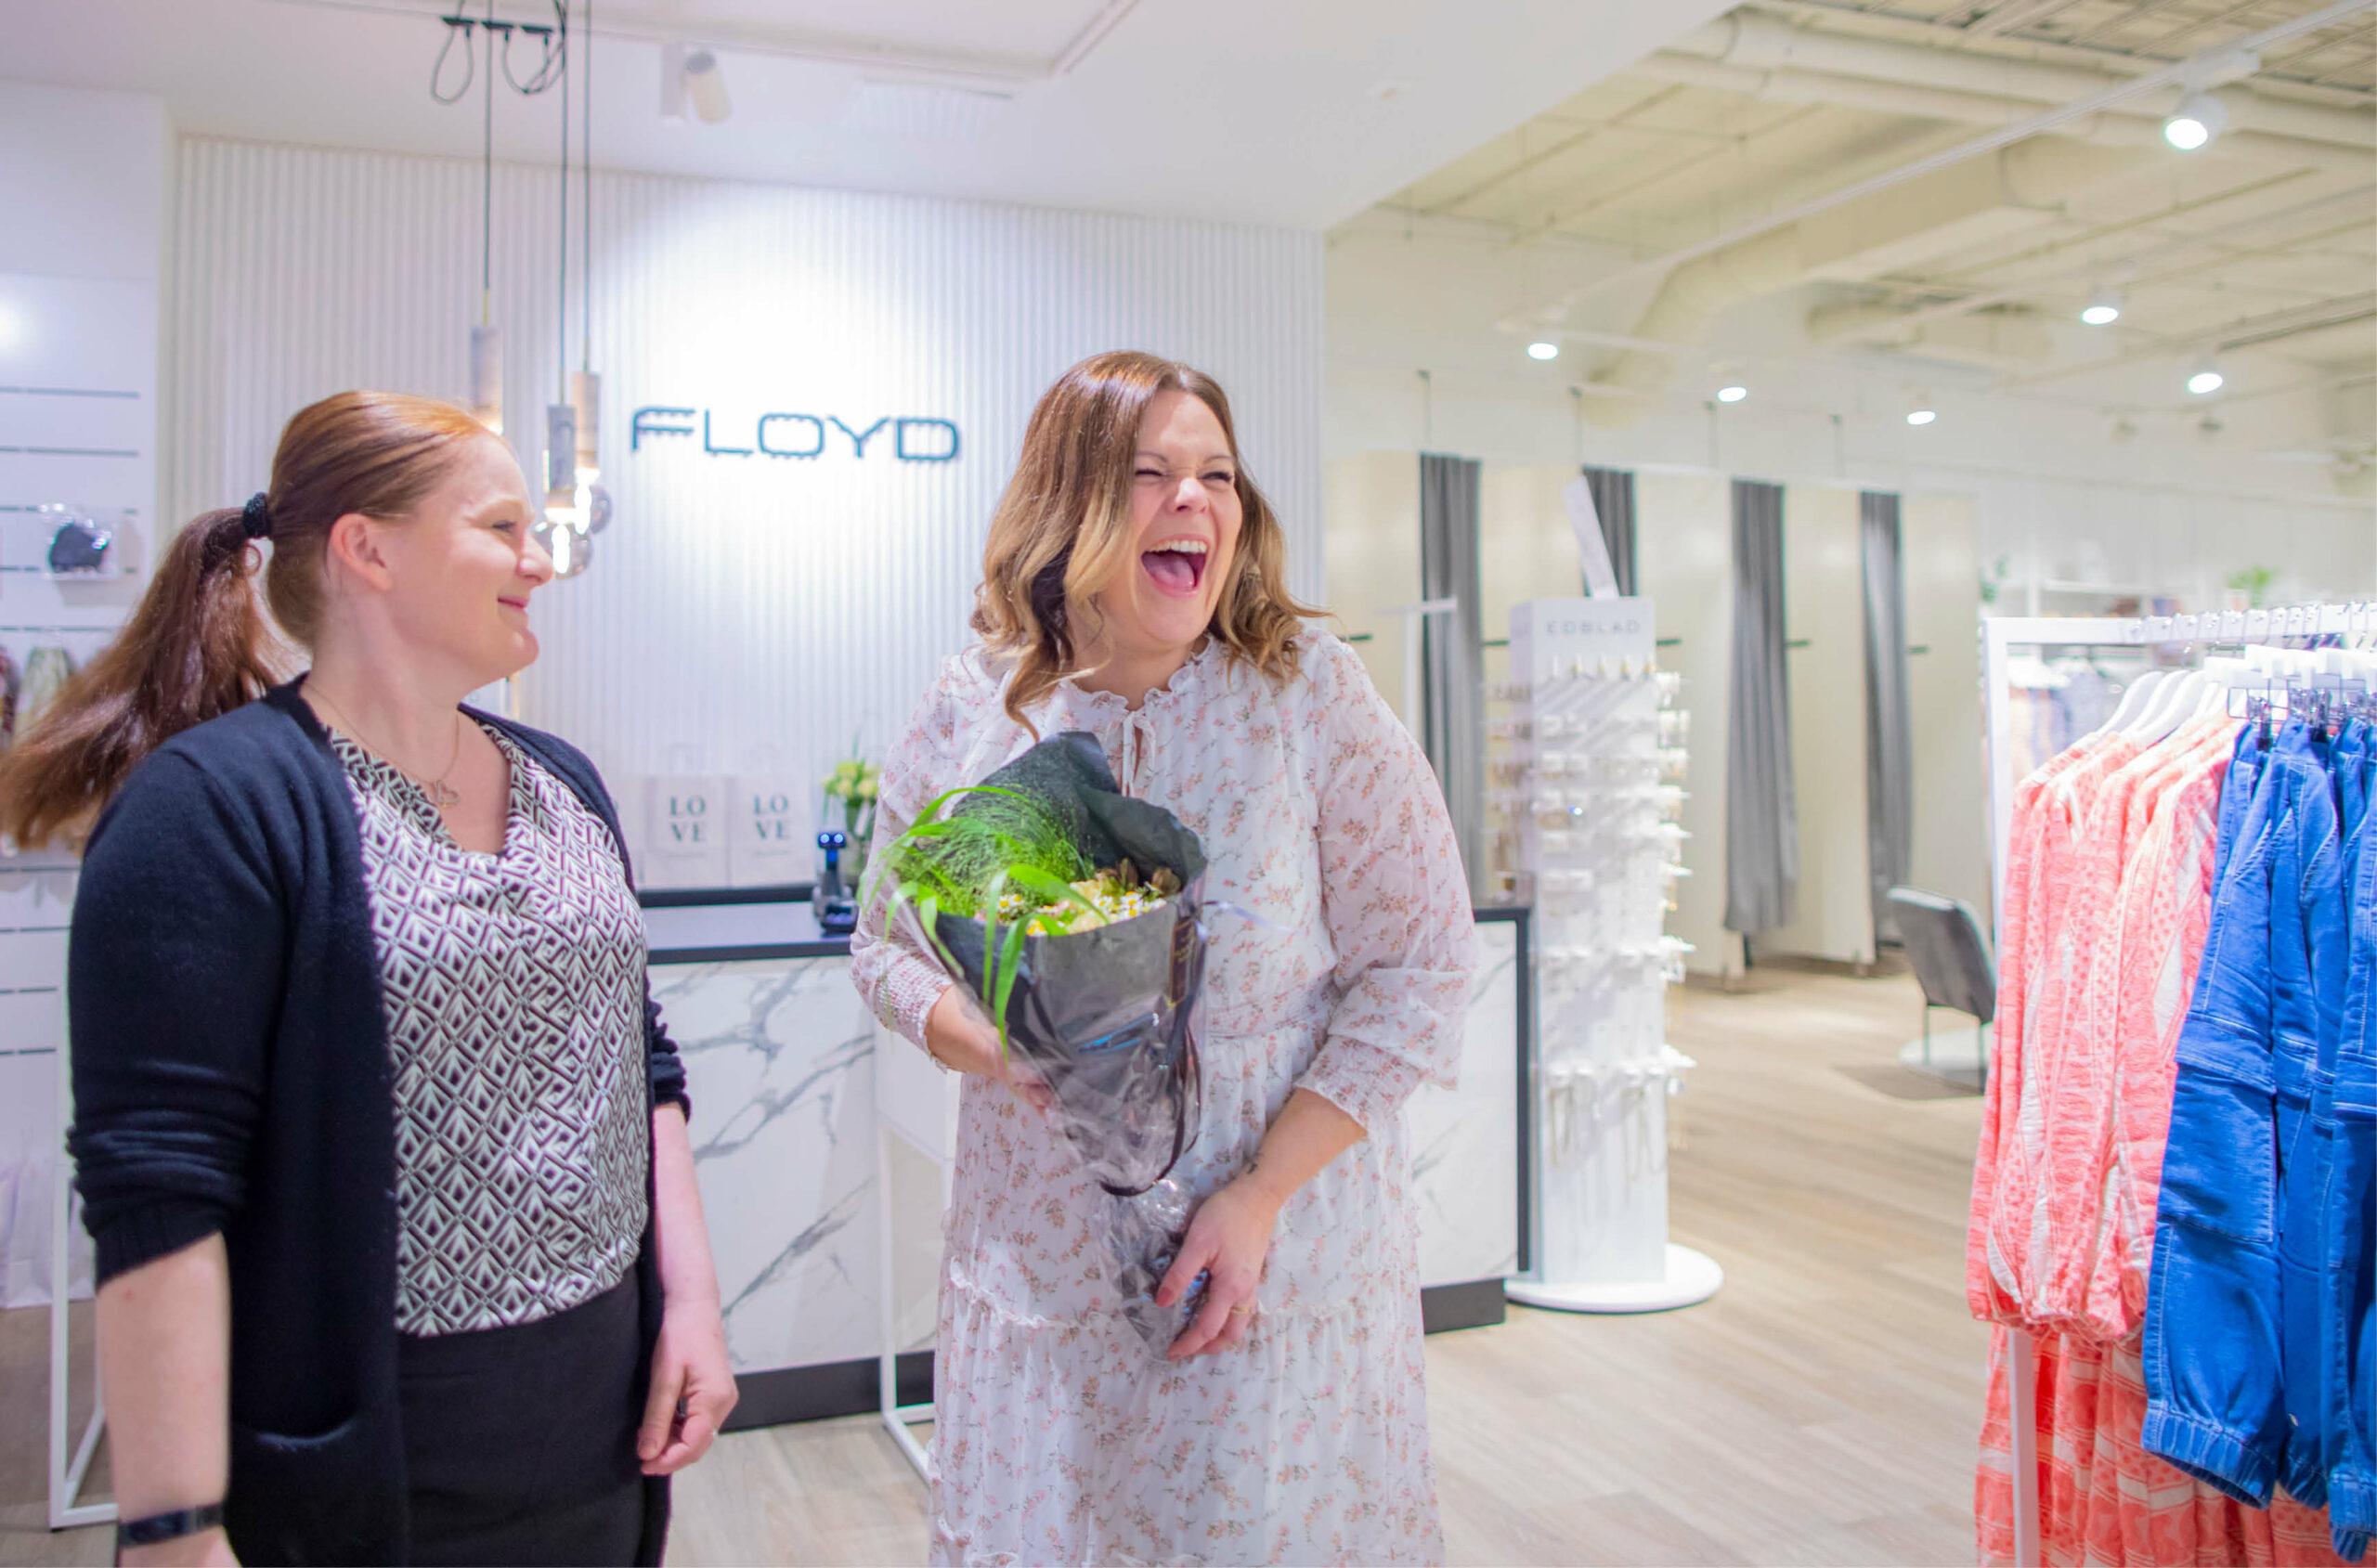 Floyd butikkkåpning